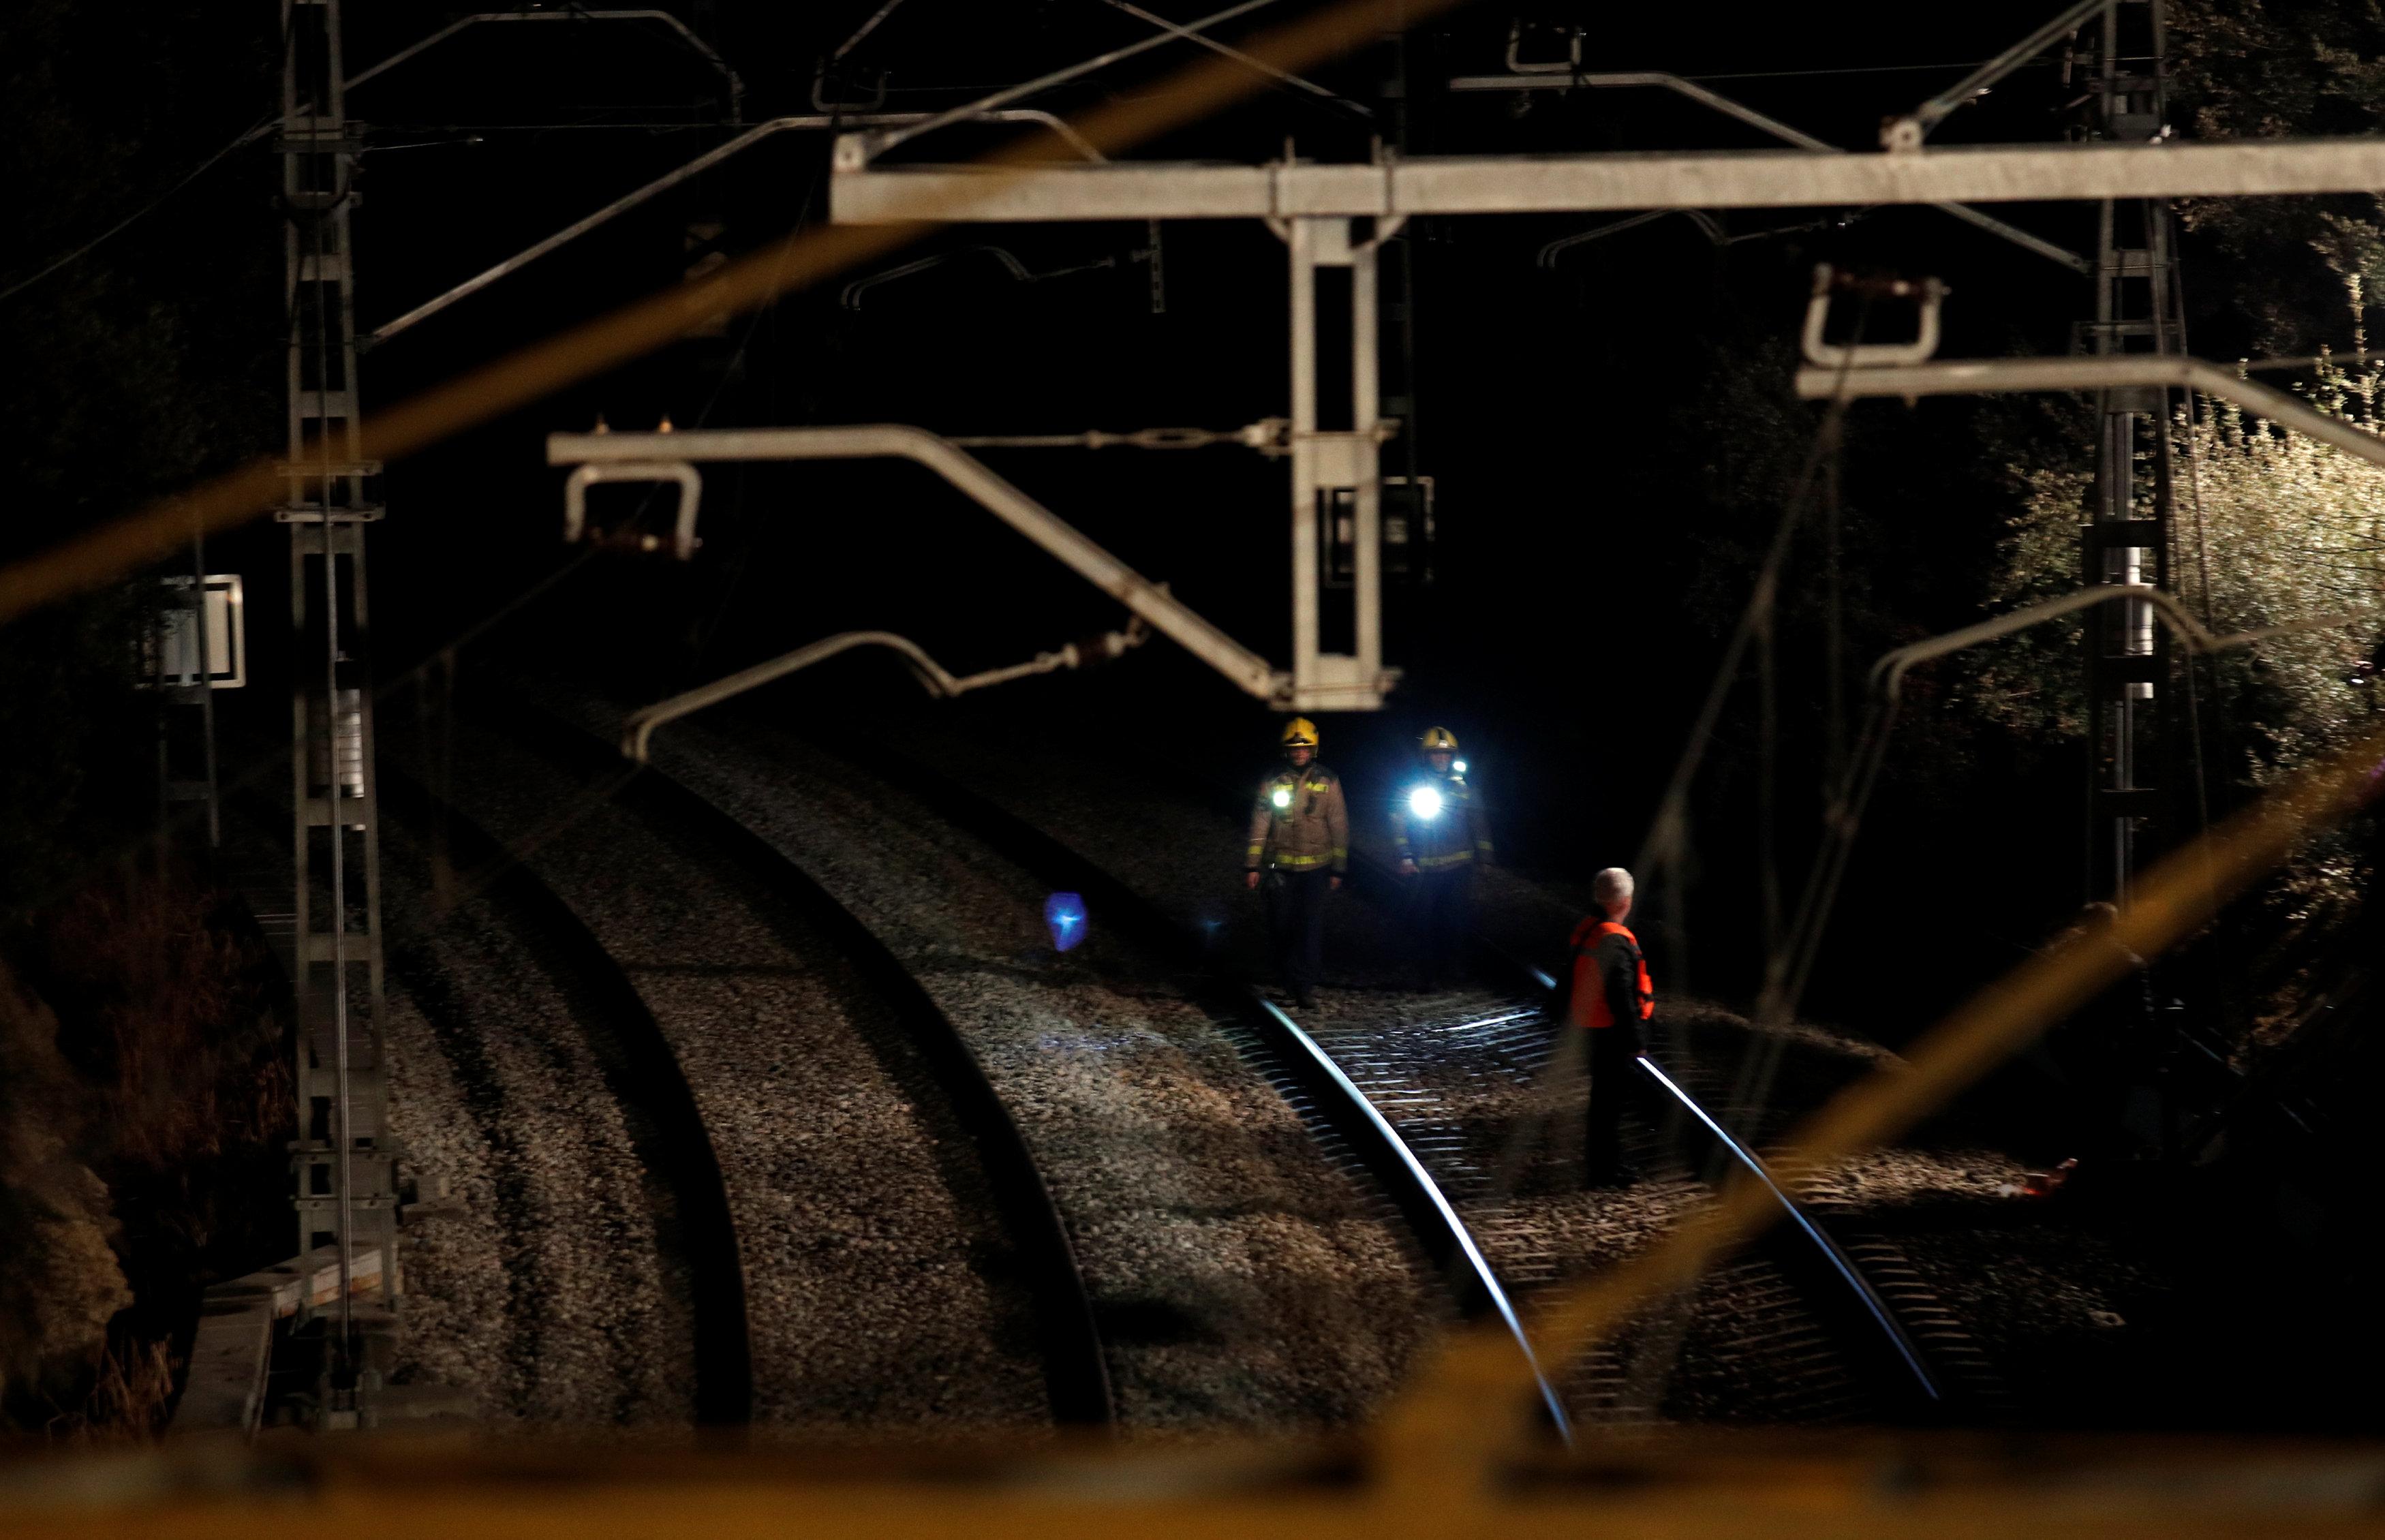 921615-حادث-تصادم-قطارين-بإسبانيا-(1)